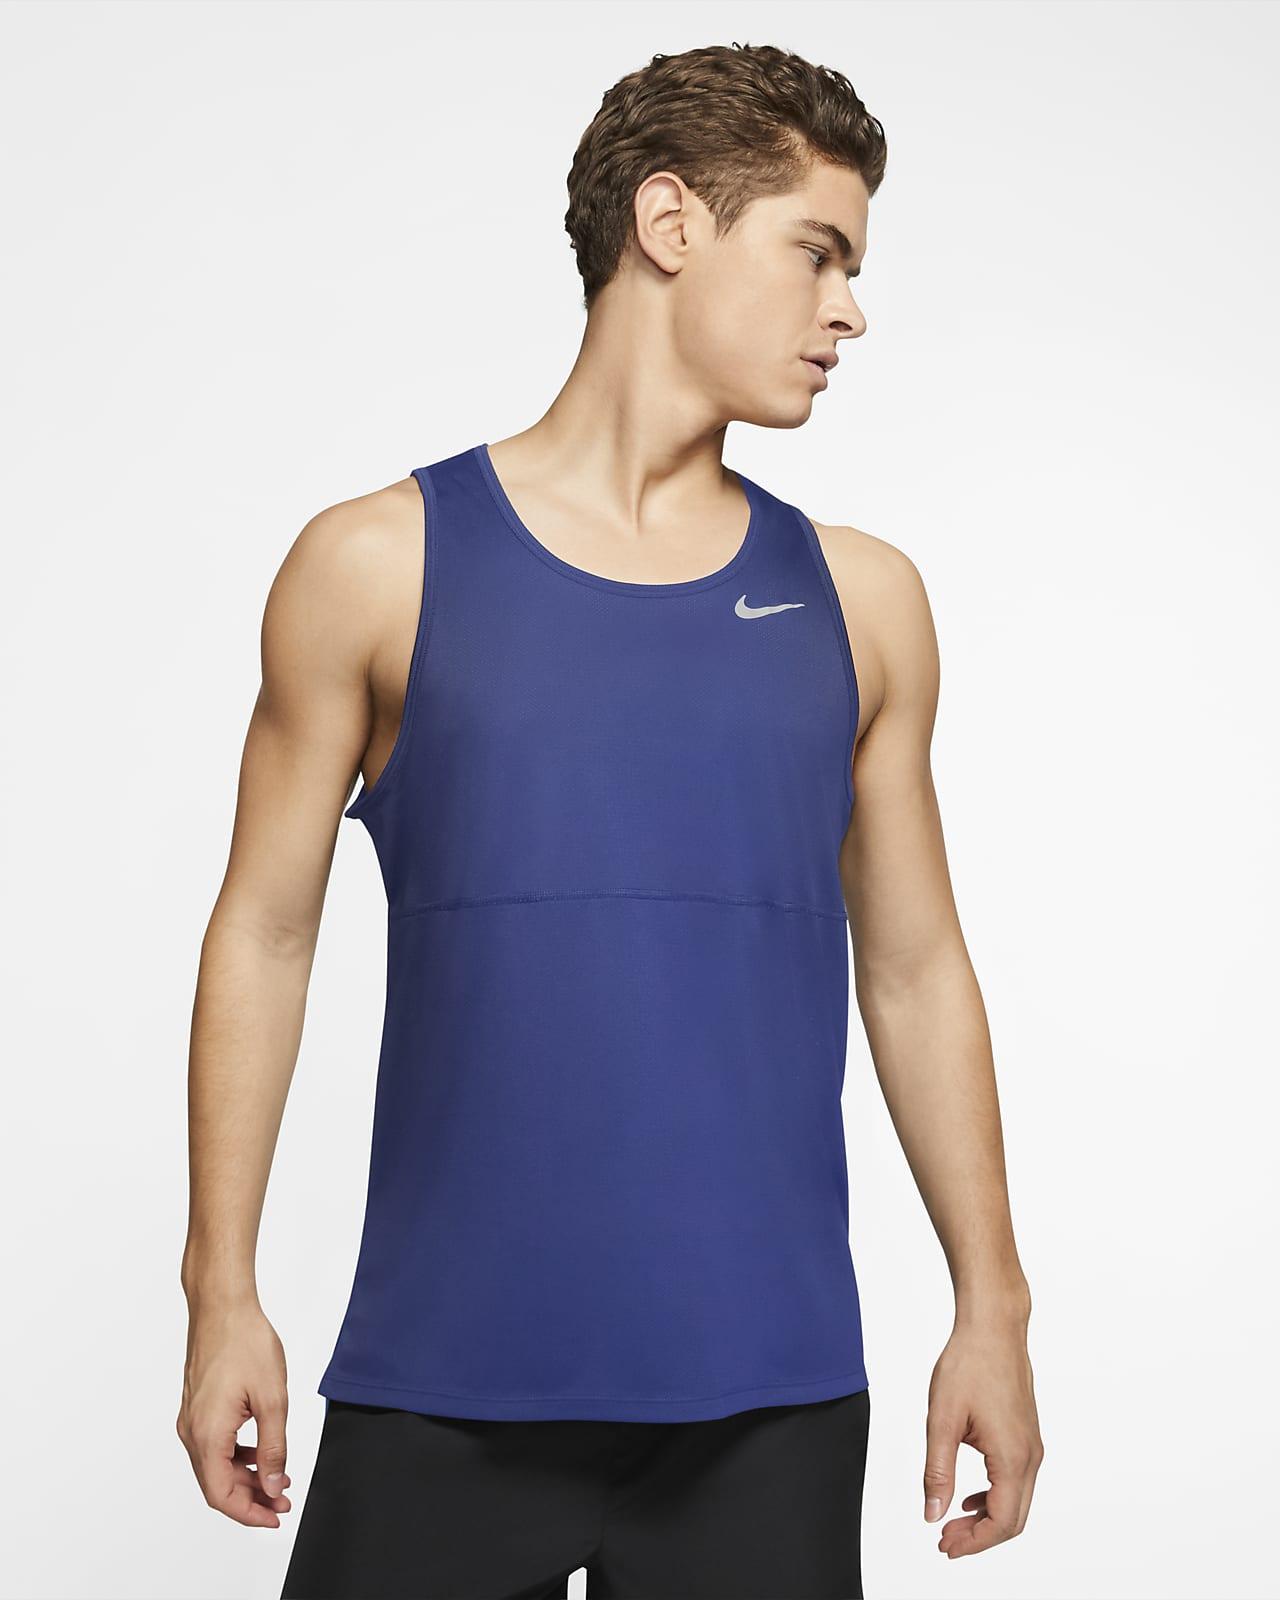 Nike Breathe Men's Running Tank